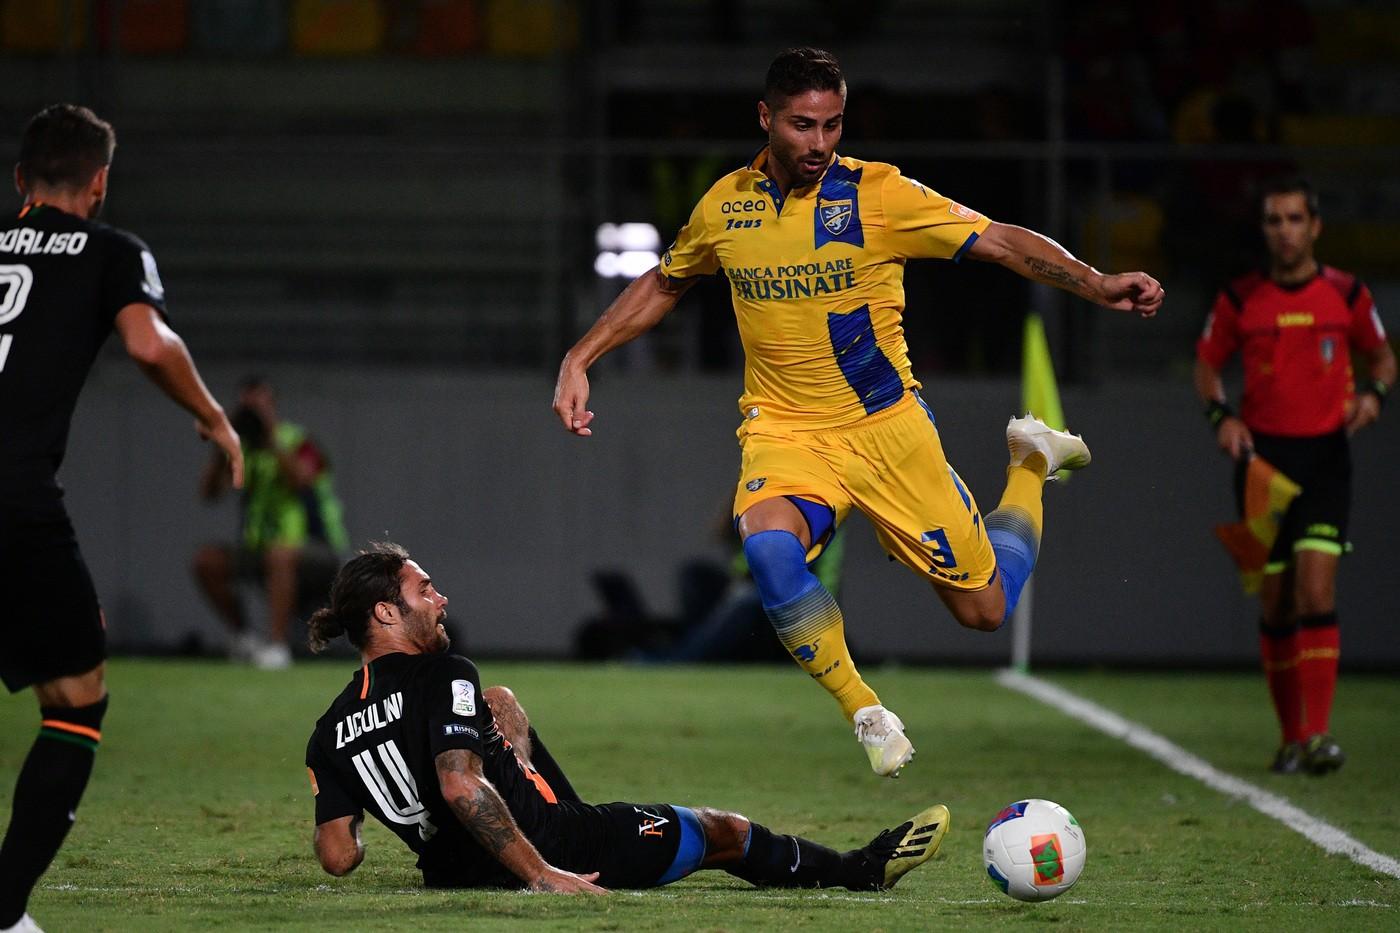 Alfredo Falcone/LaPresse